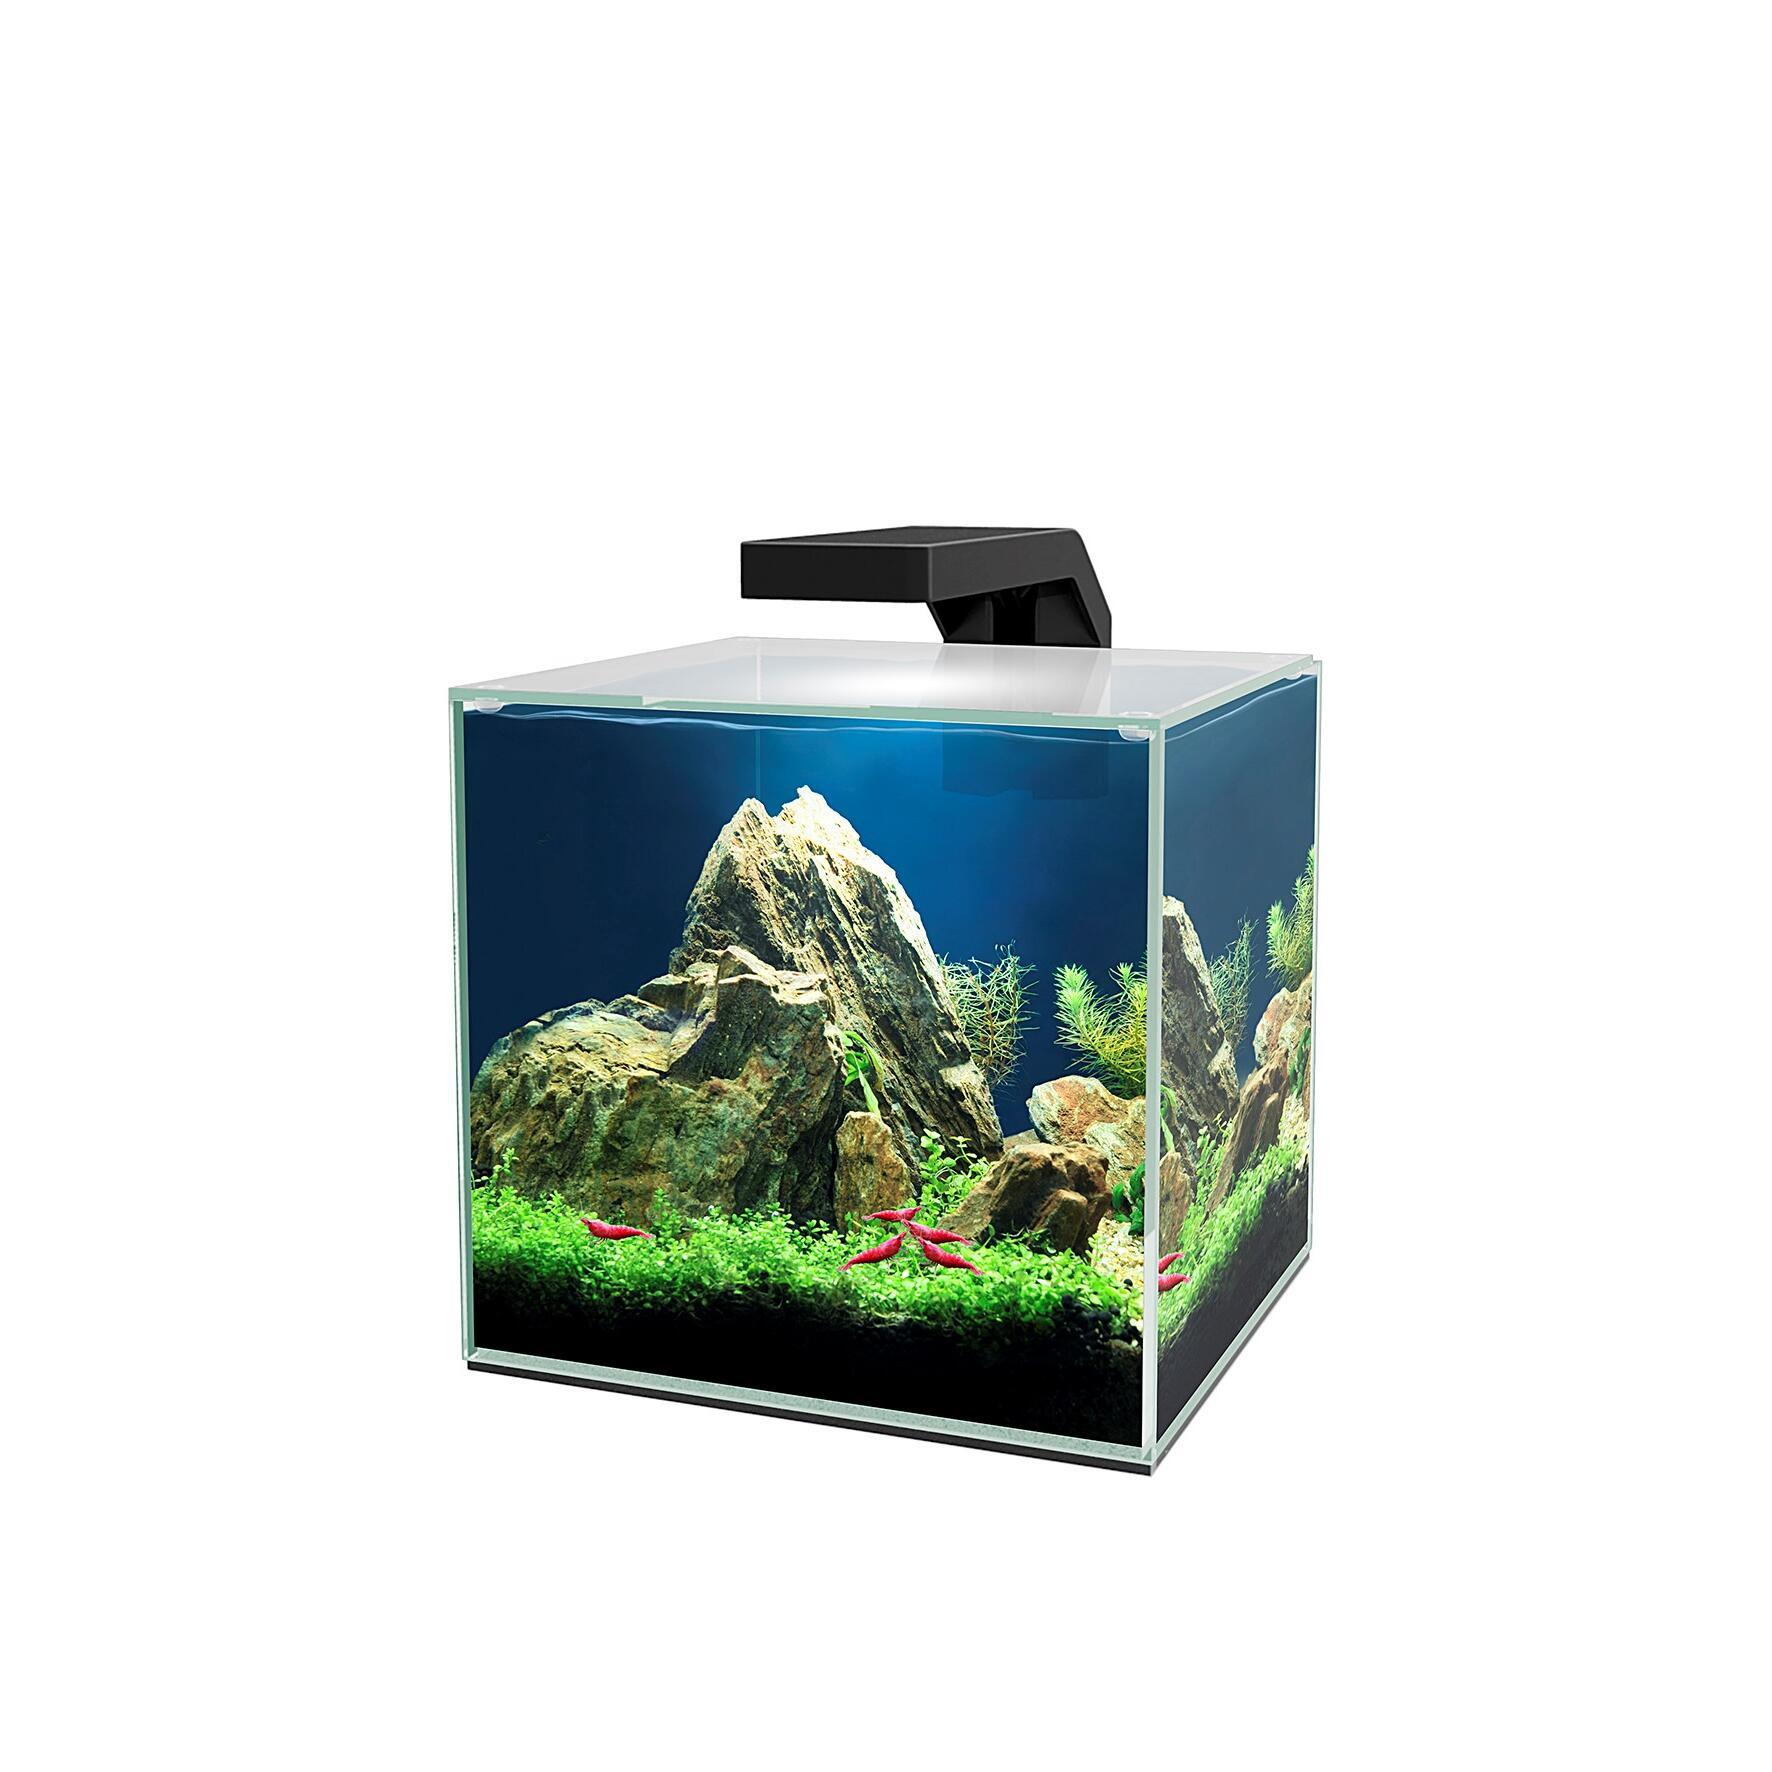 Quel eclairage led pour aquarium plante ?